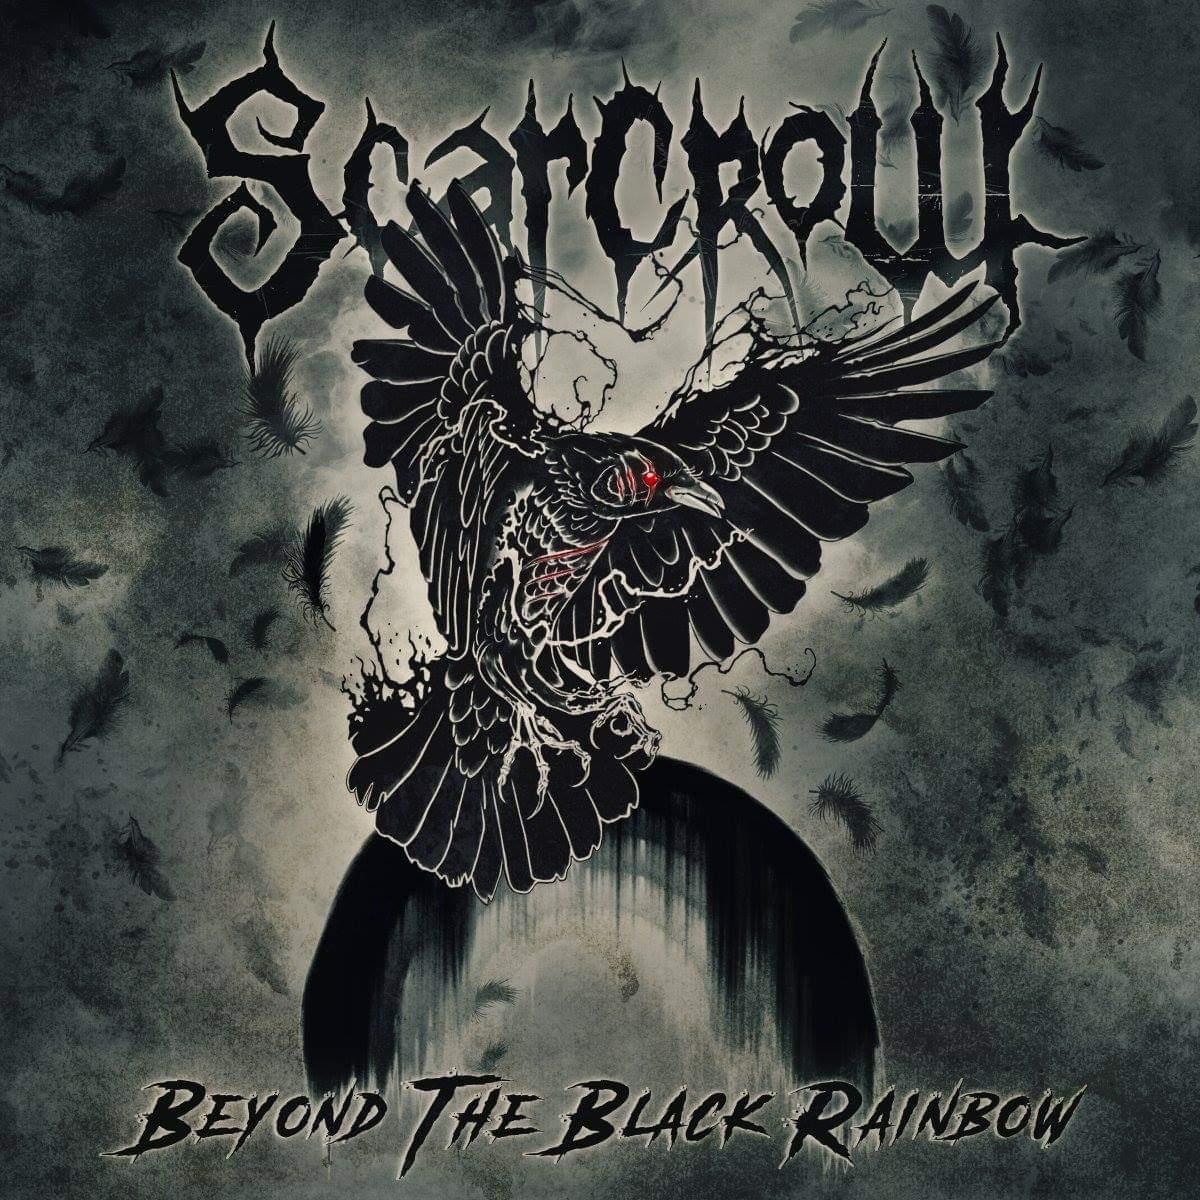 scarcrow-beyond-the-black-rainbow-ein-album-review